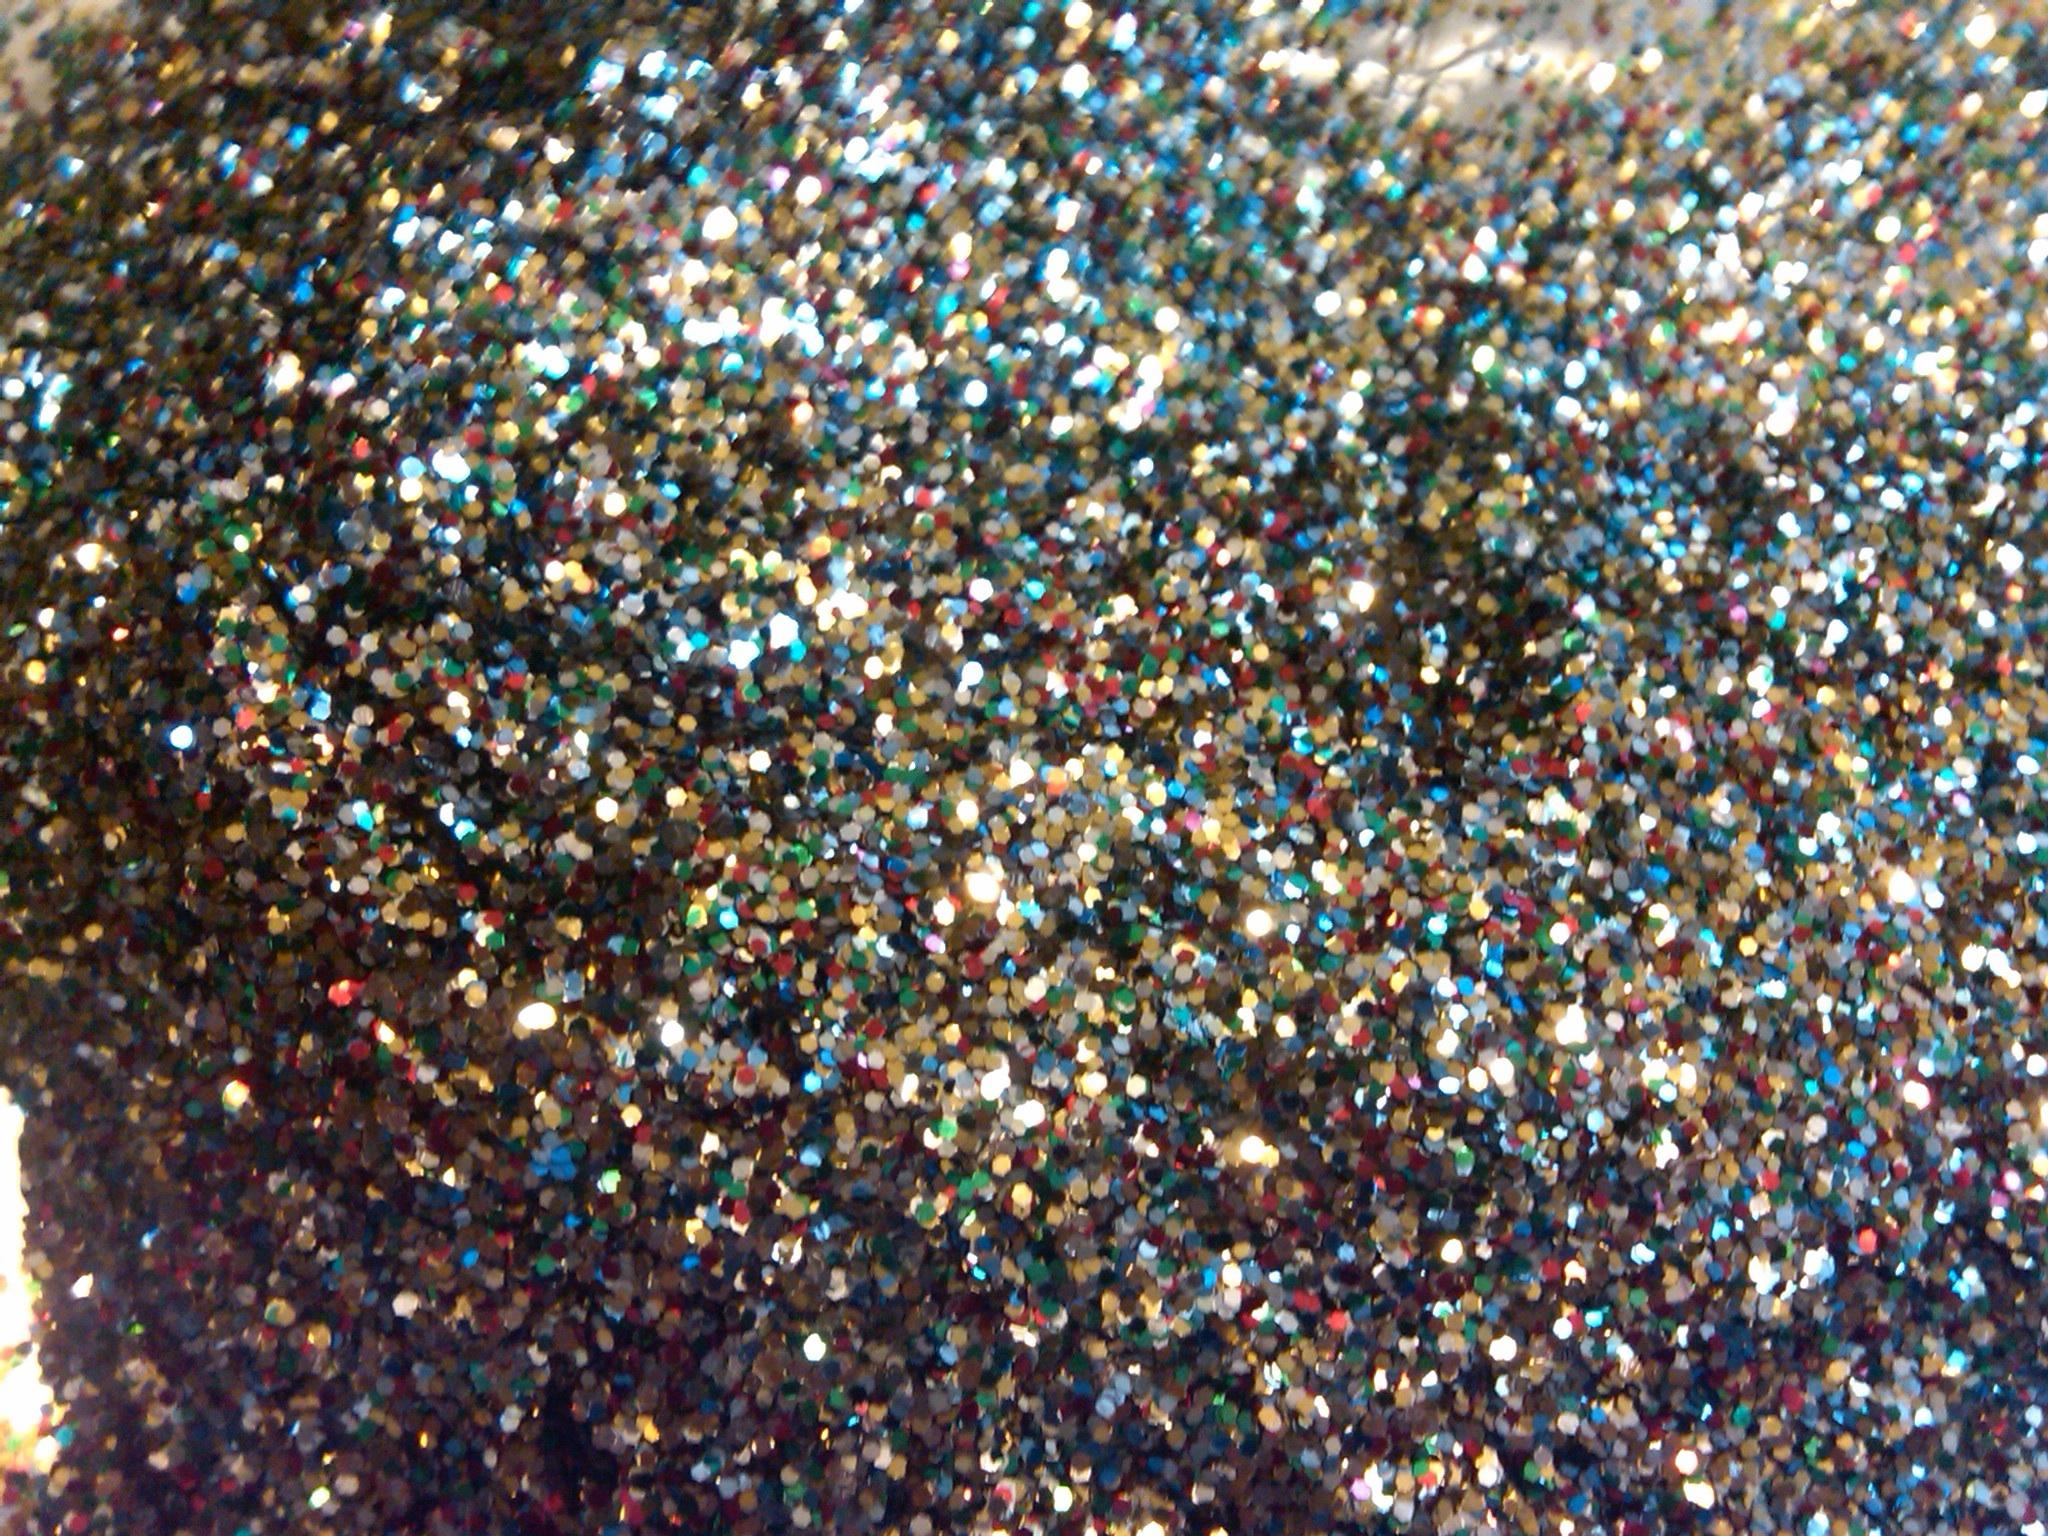 Gold Glitter Sparkles 2048x1536